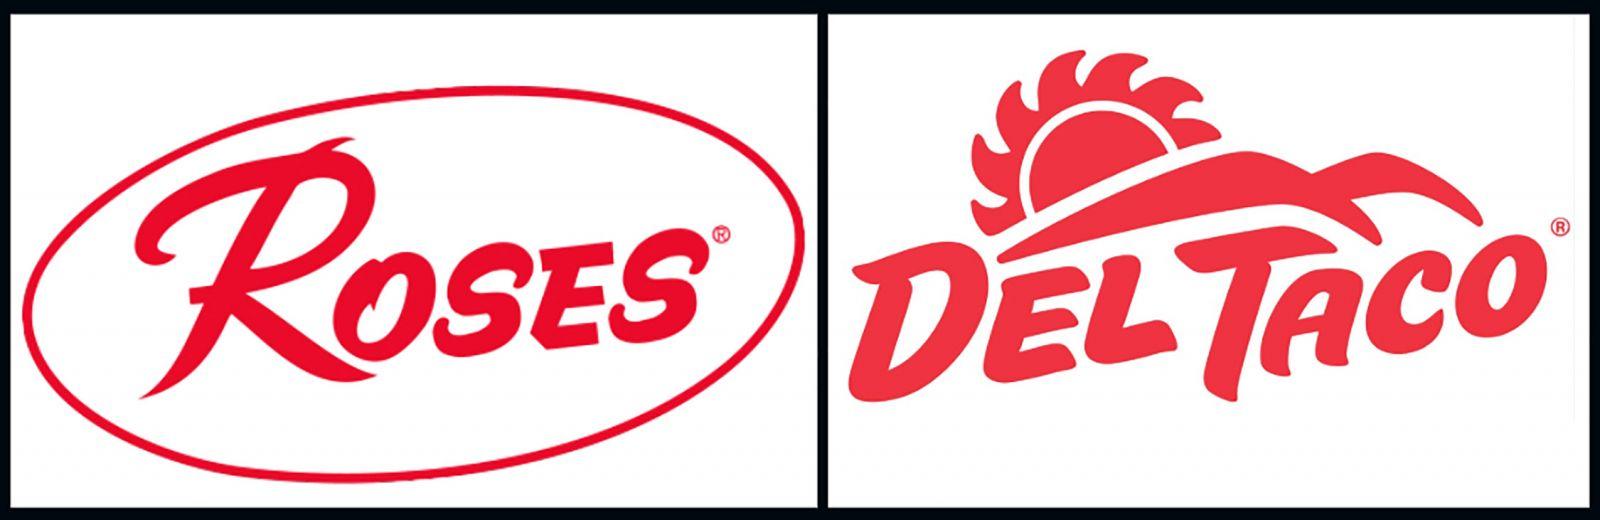 Image of tenant logos Roses and Del Taco